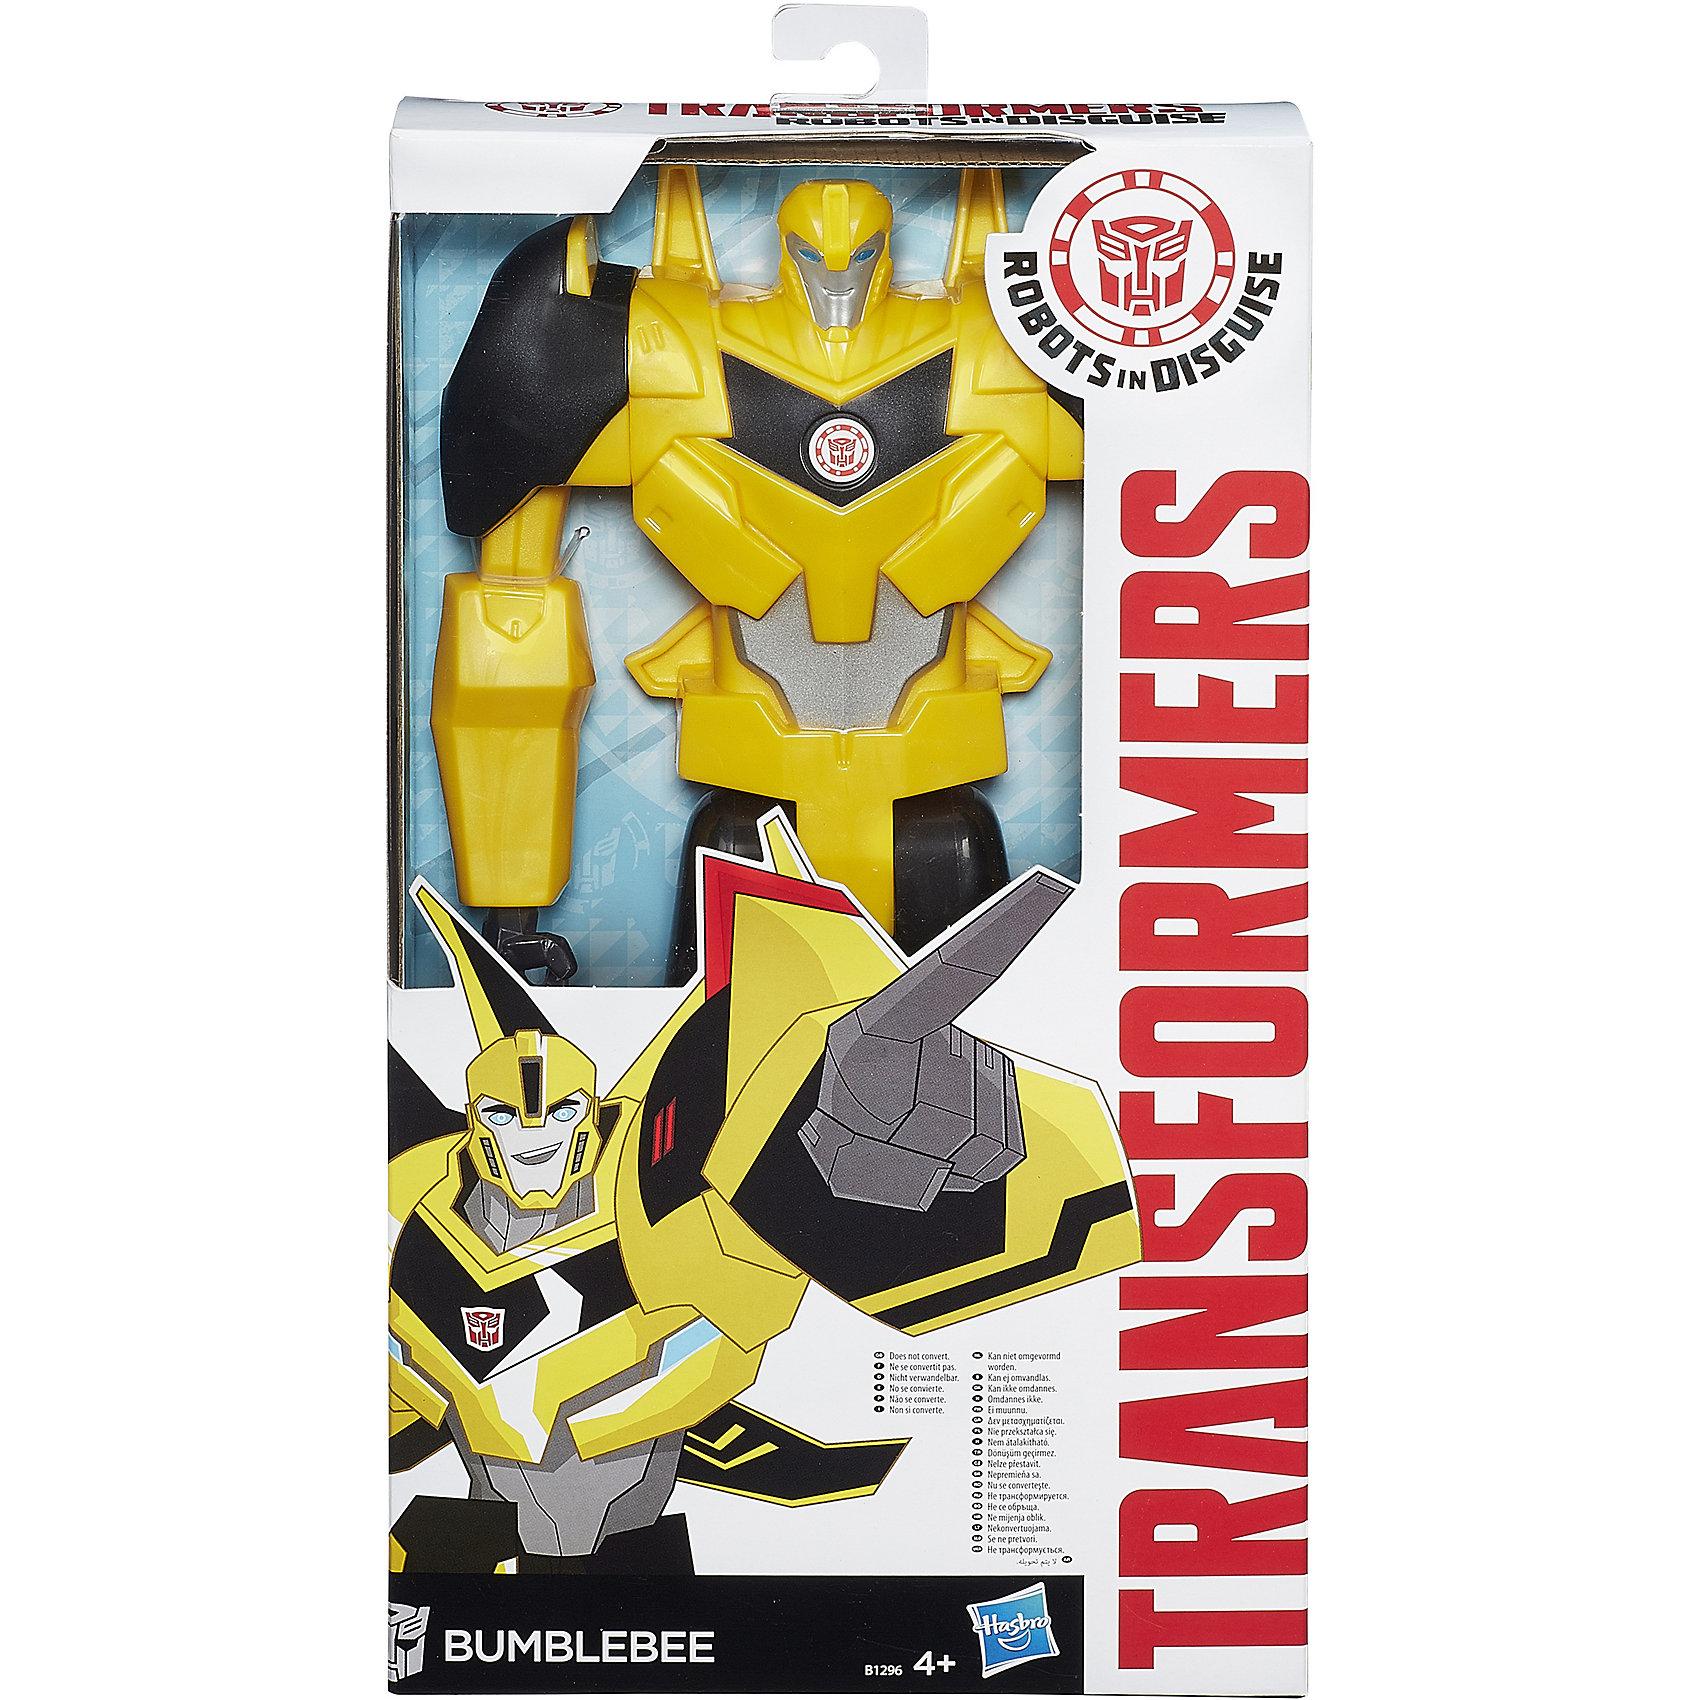 Hasbro Титан: Роботы под прикрытием, 30 см, Трансформеры, B0760/B1296 hasbro hasbro трансформеры robots in disguise autobot drift